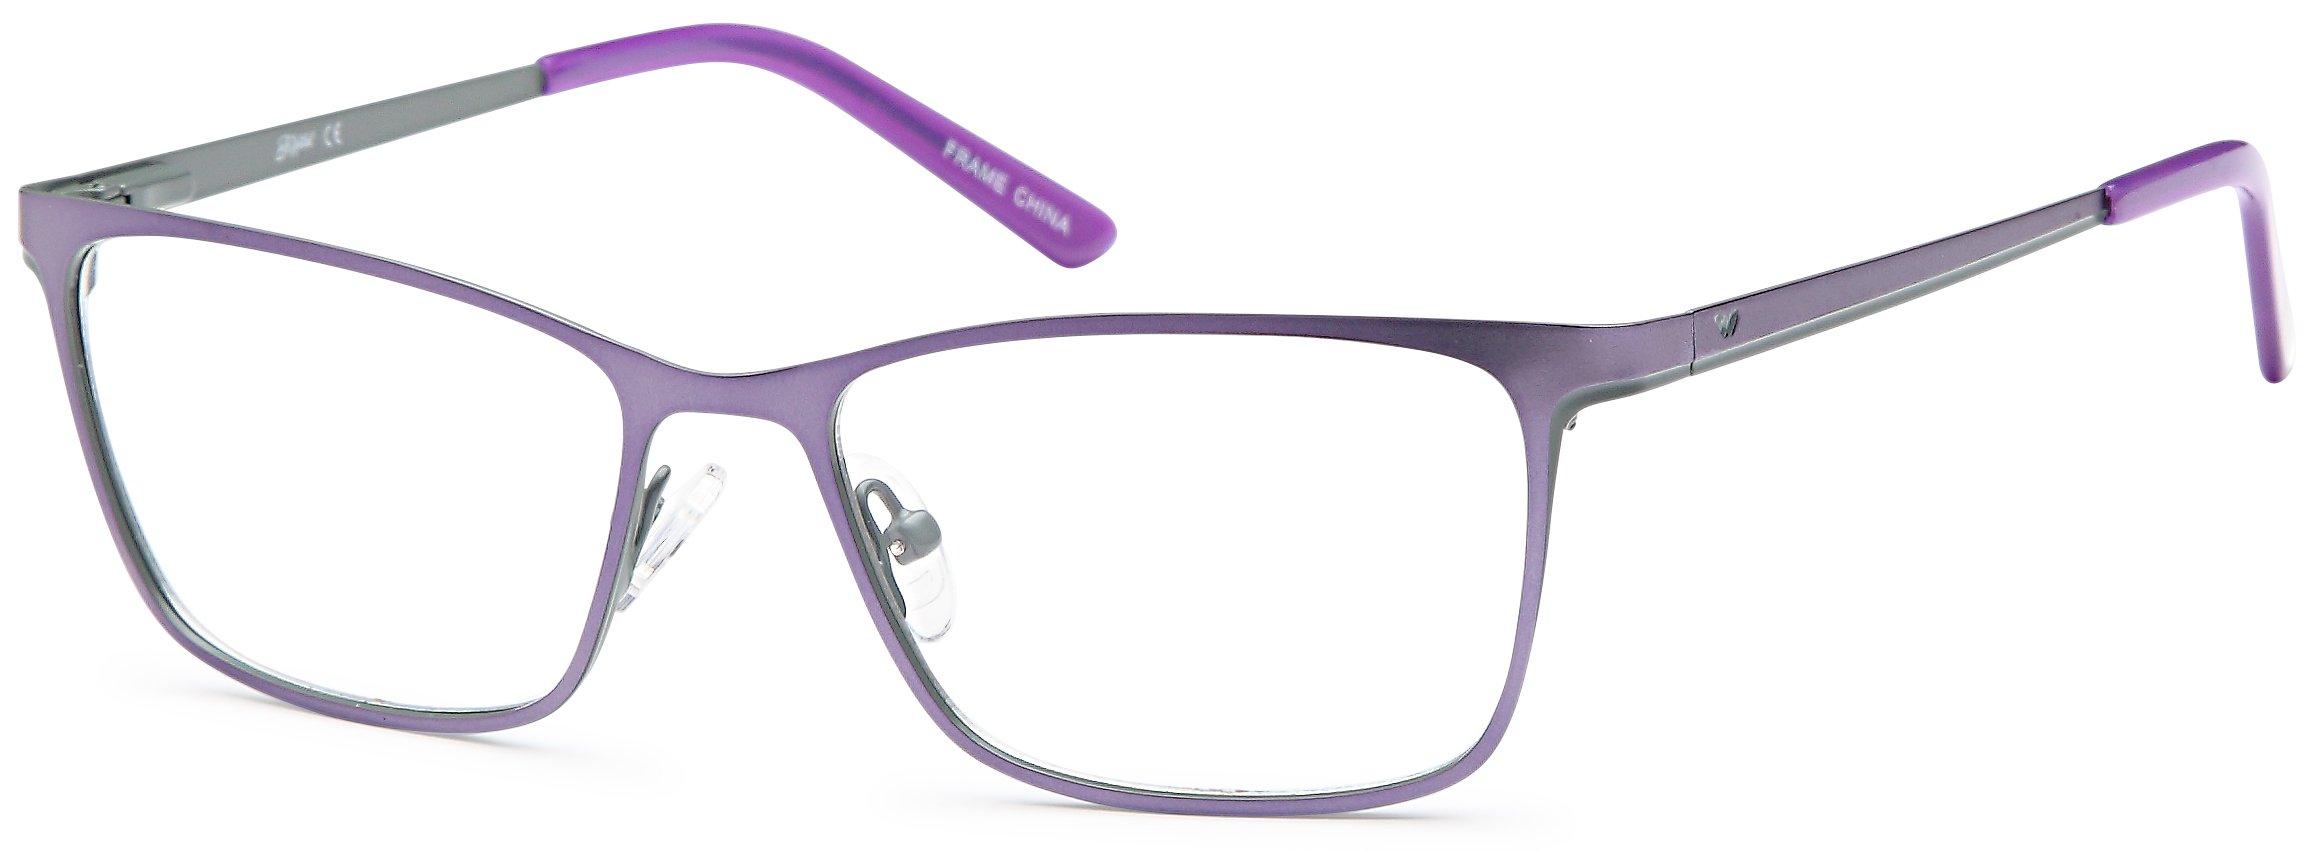 0807d2e27f58 Amazon.com  DALIX  Childrens Glasses Frames